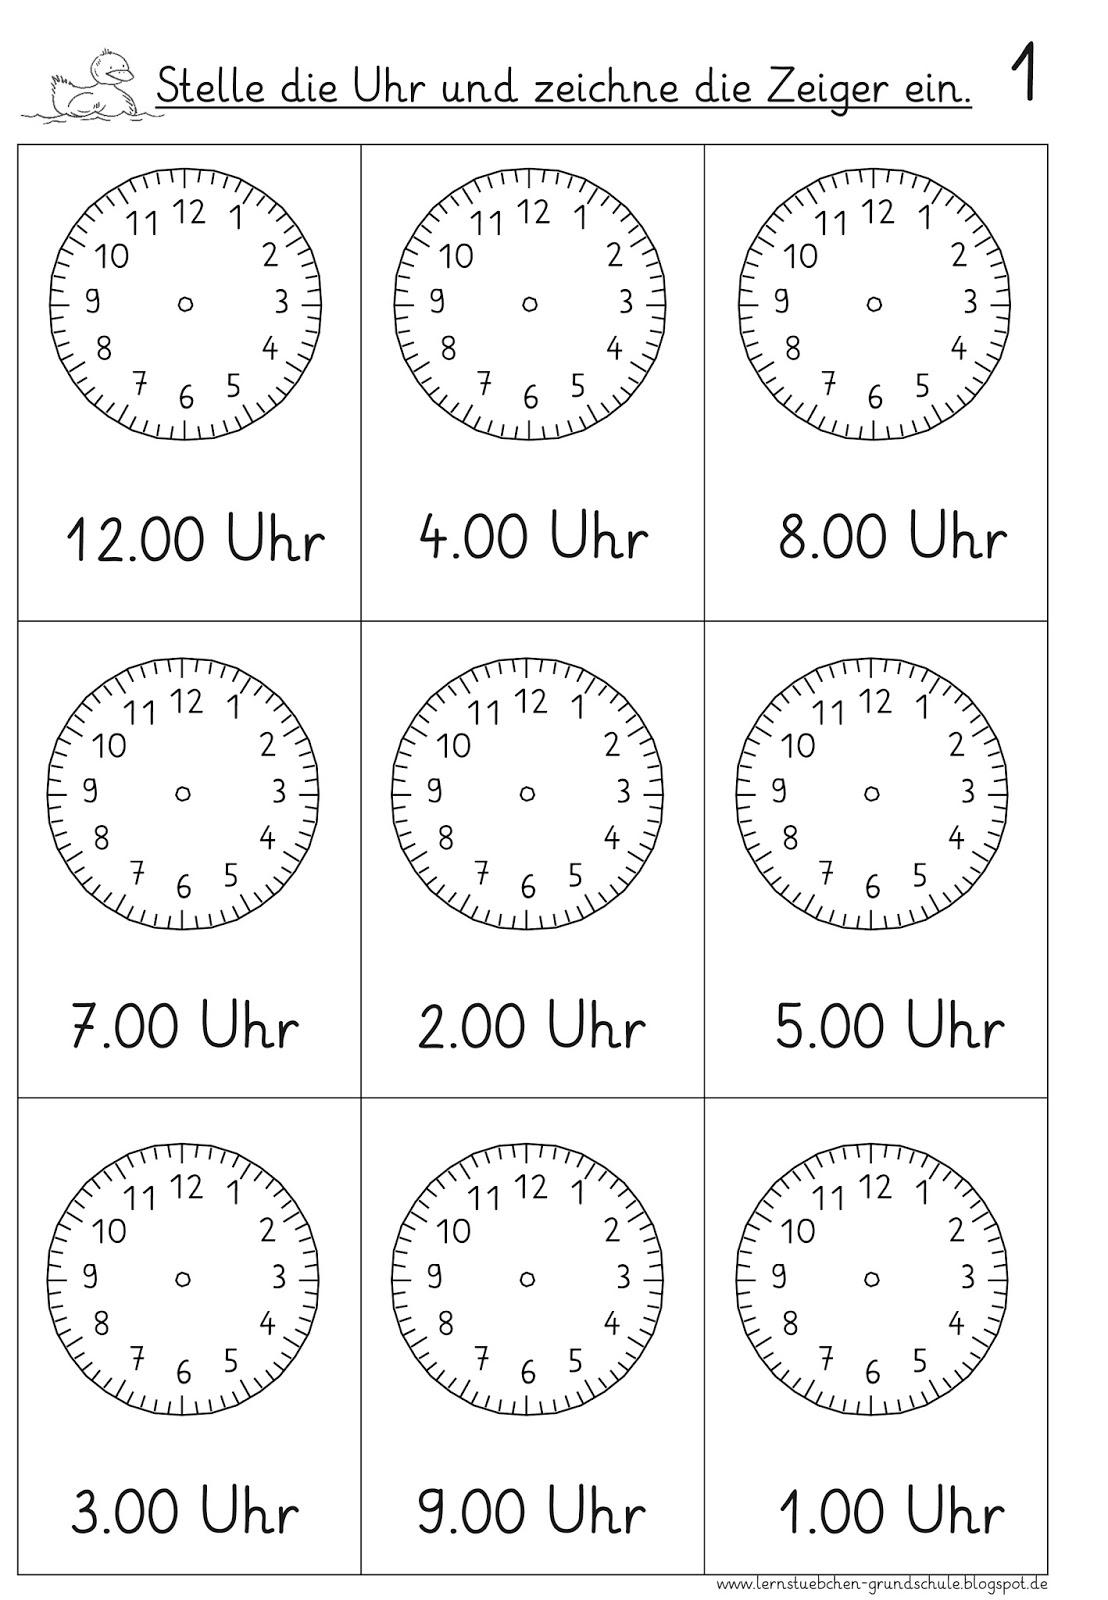 Lernstubchen Vorgegebene Uhrzeiten Einstellen